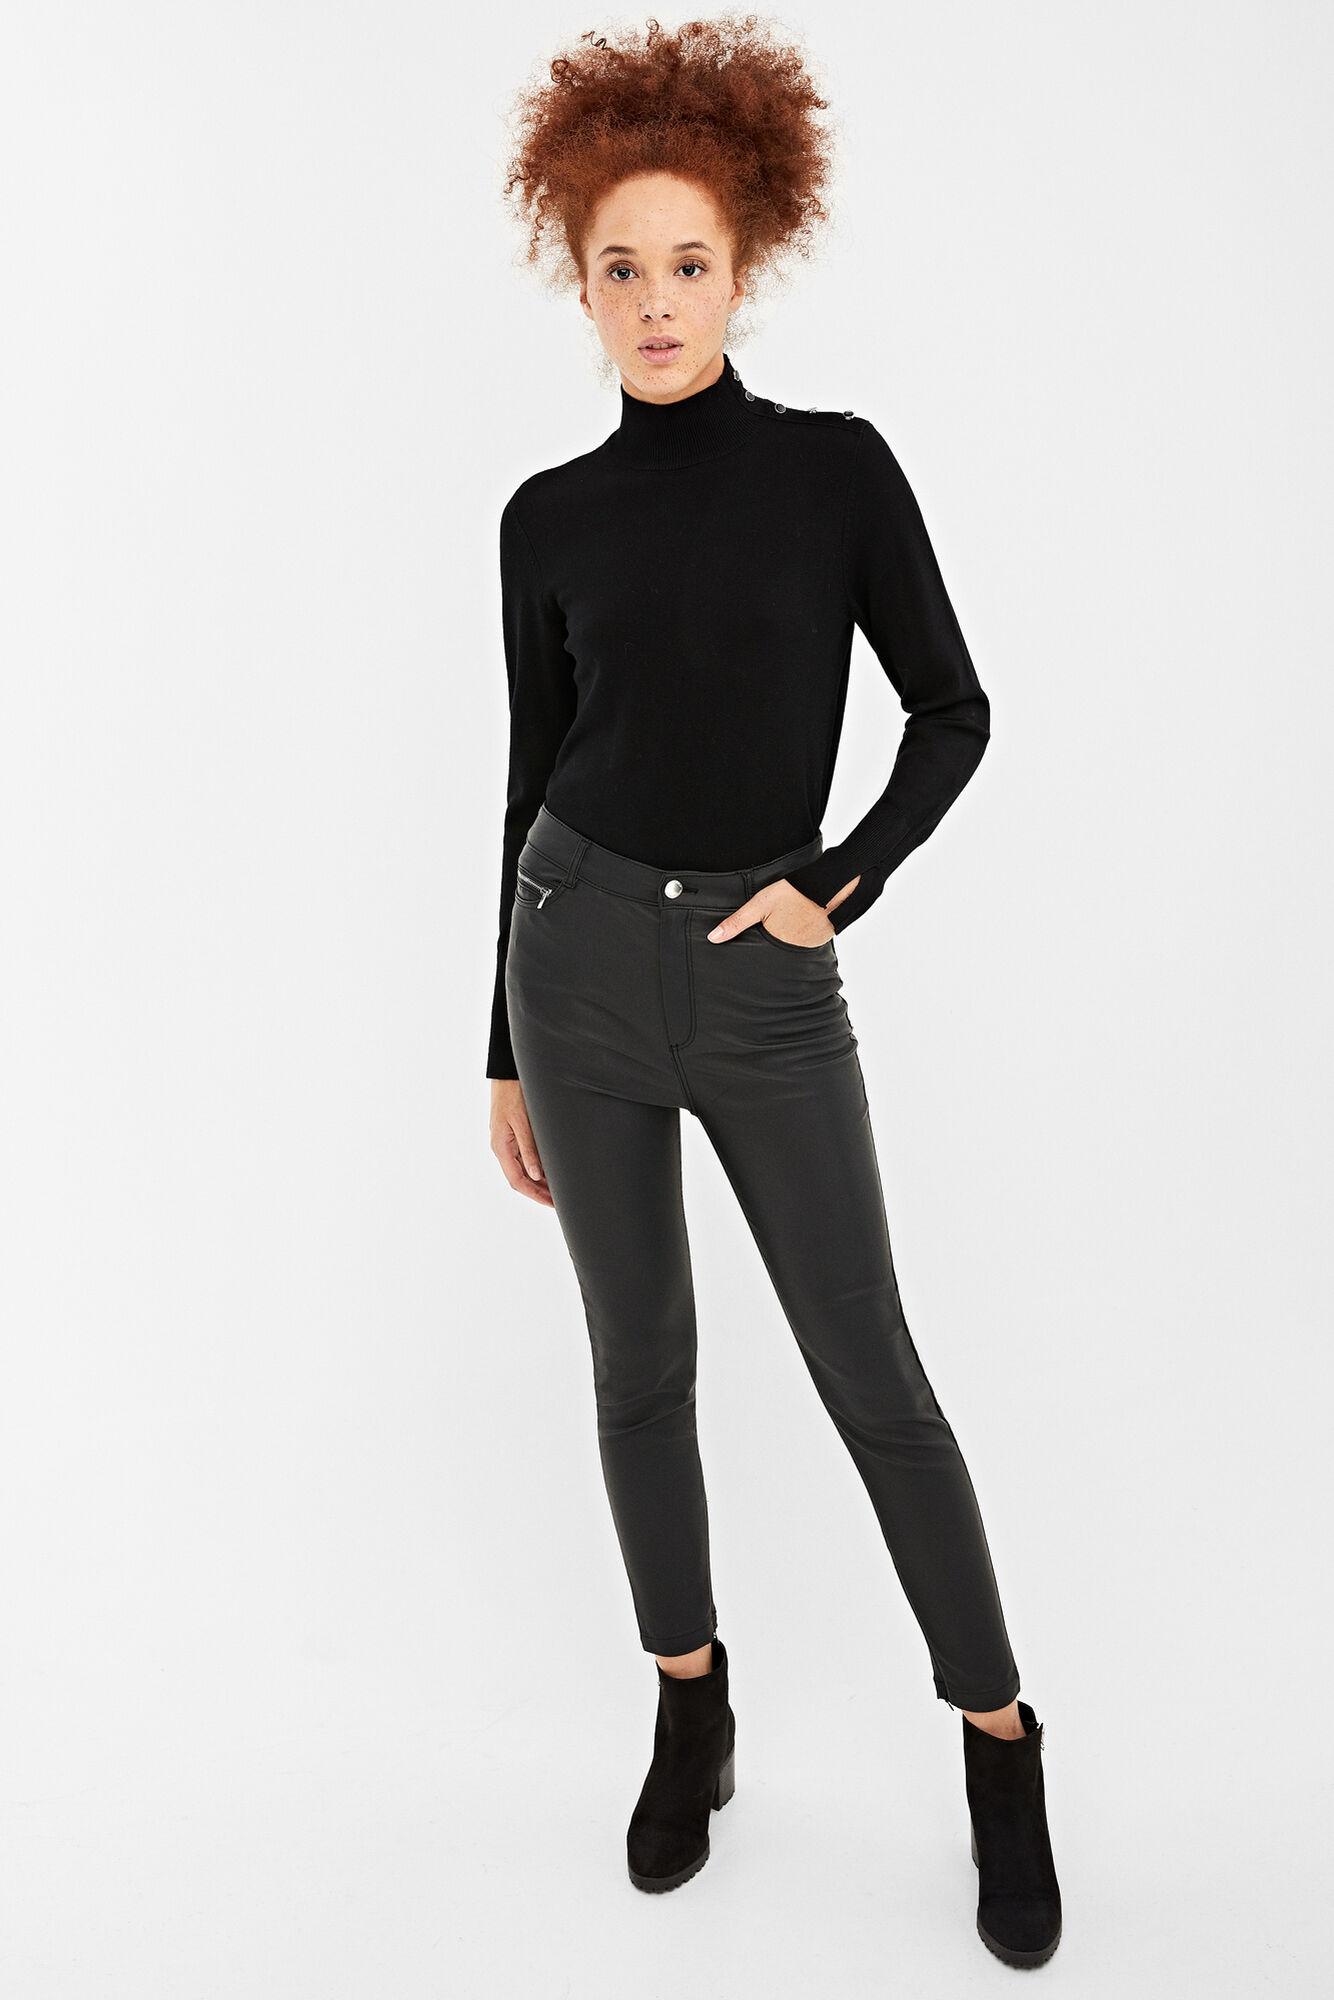 Pantalón con bolsillos en la parte delantera y trasera, con detalle de cremallera metálica en la parte delantera.